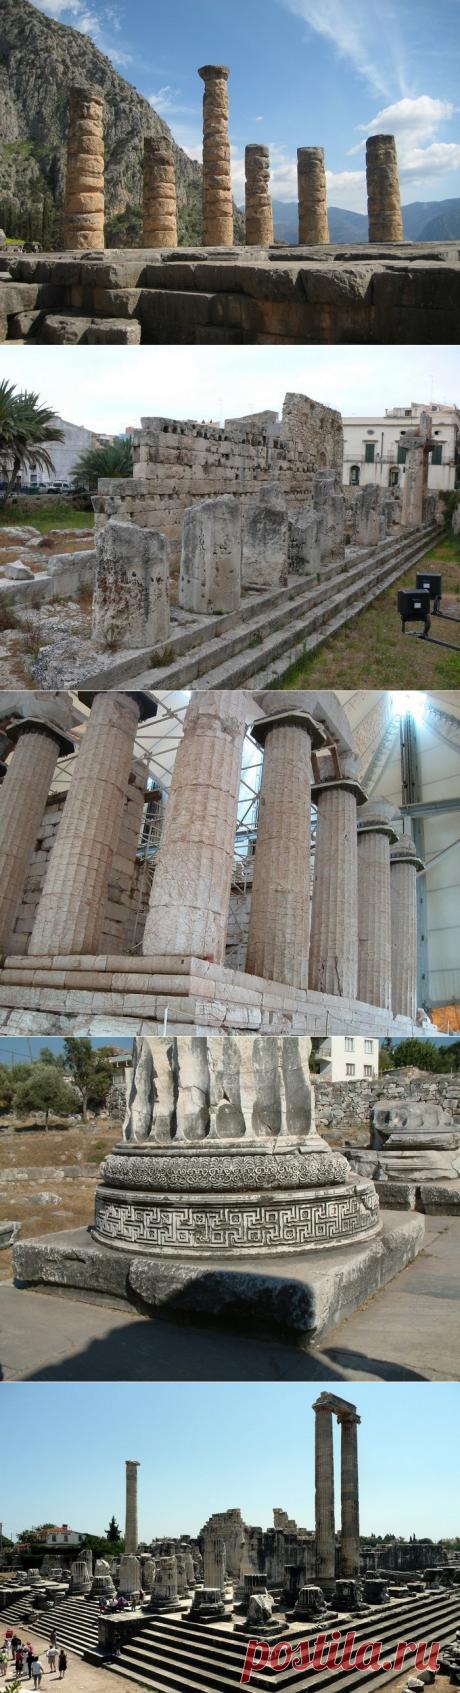 Храм Апполона - это древнейший храм, расположенный в древнем городе Греции — Дельфа. - Путешествуем вместе